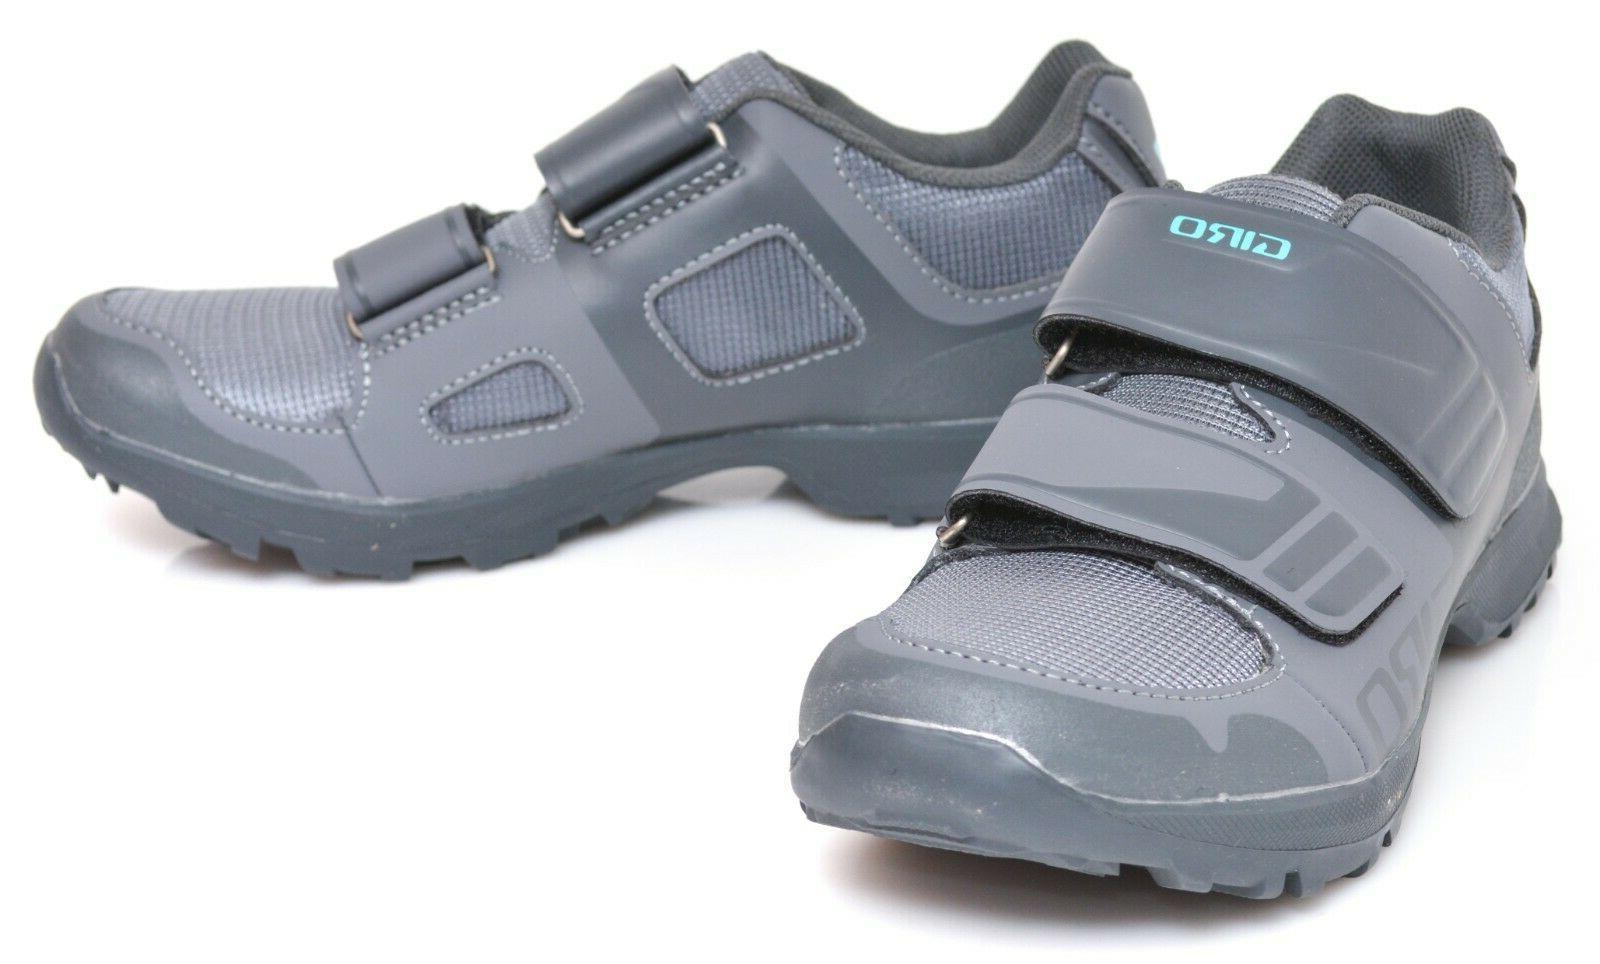 berm women mountain bike shoes eu 39